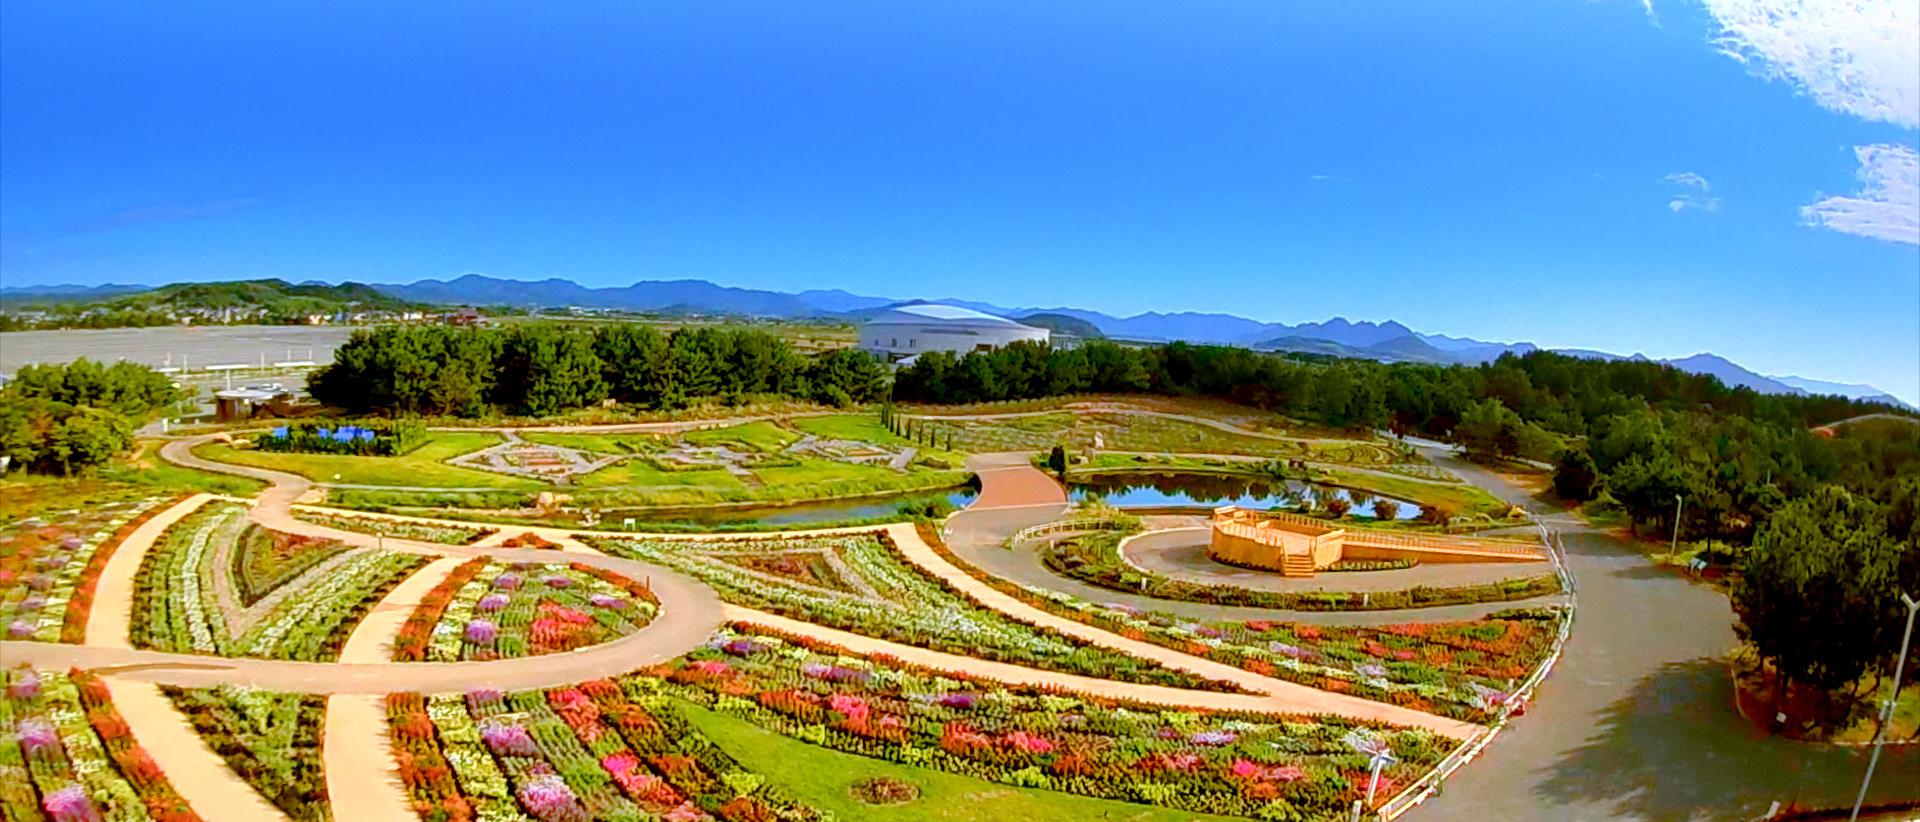 様々なテーマで作られた庭園が広がる